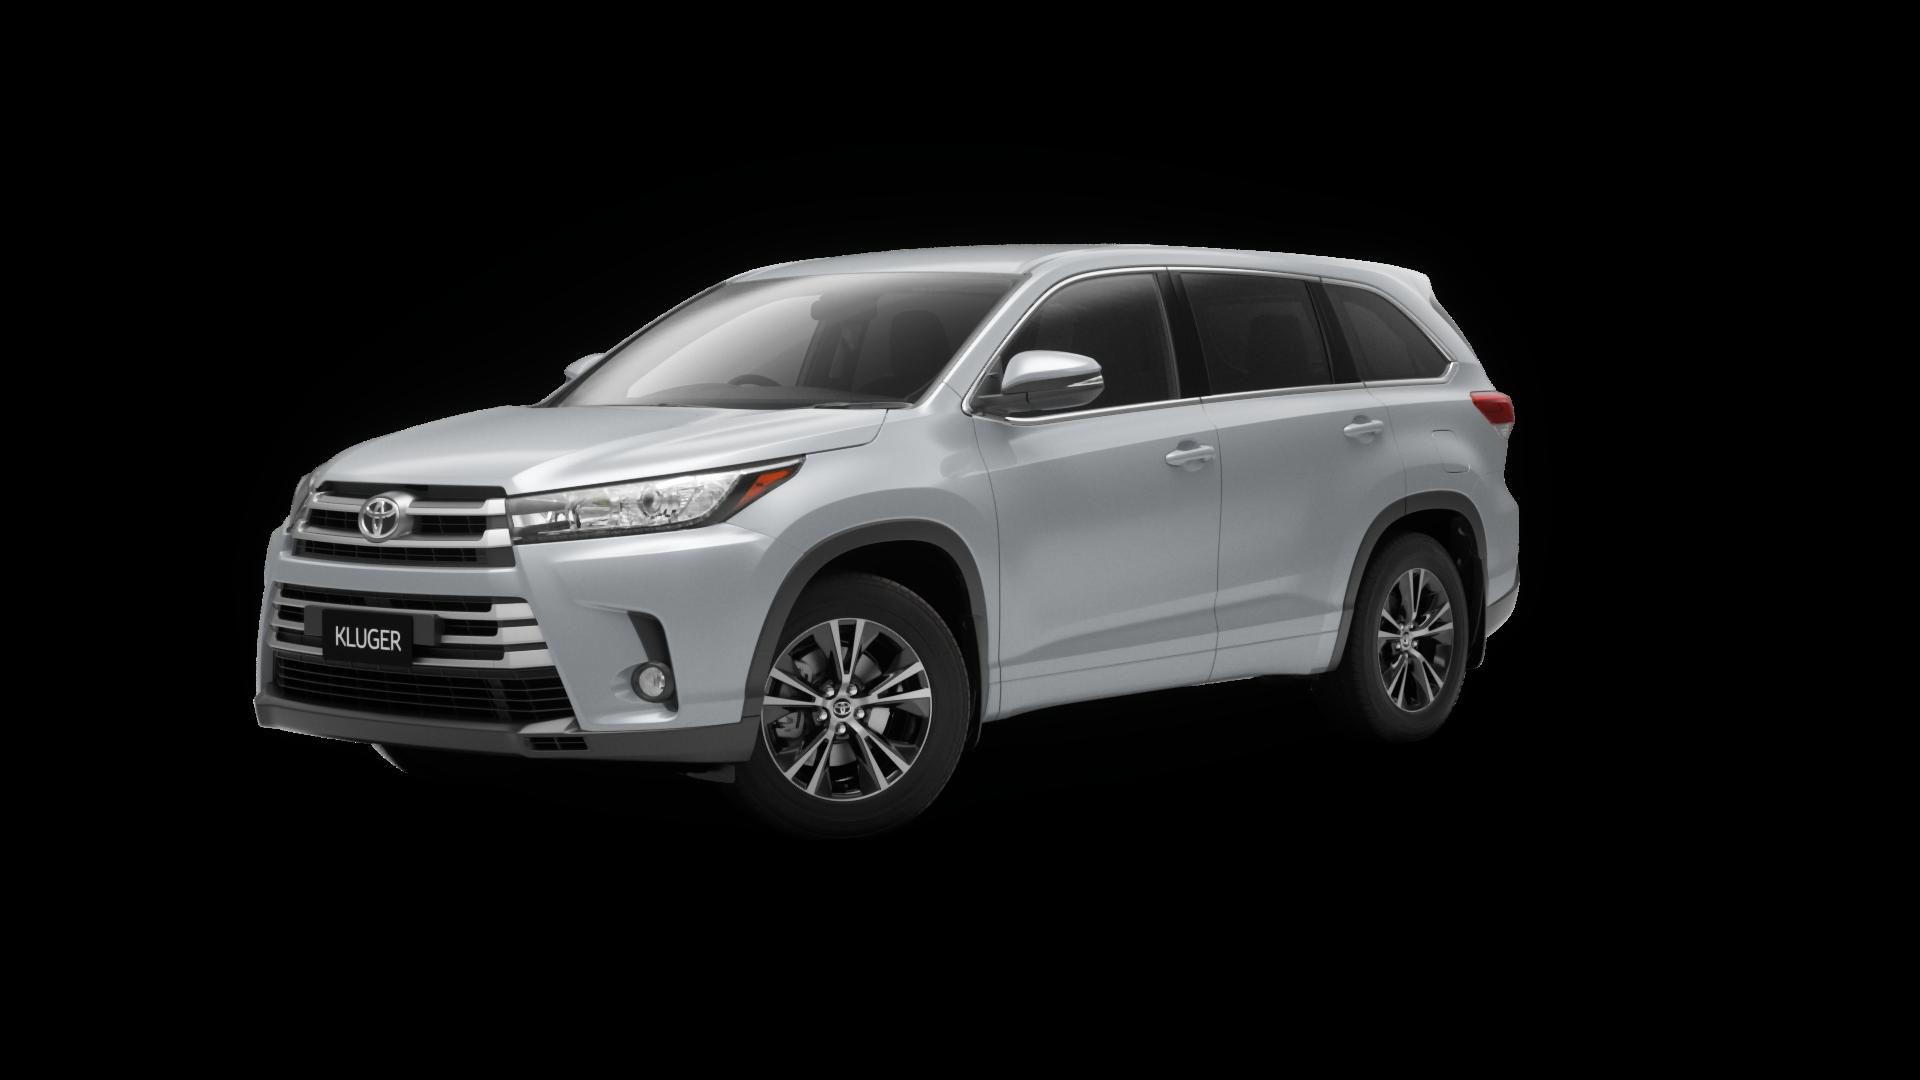 2020 Toyota Kluger 4x2 GX 3.5L Petrol Automatic Wagon